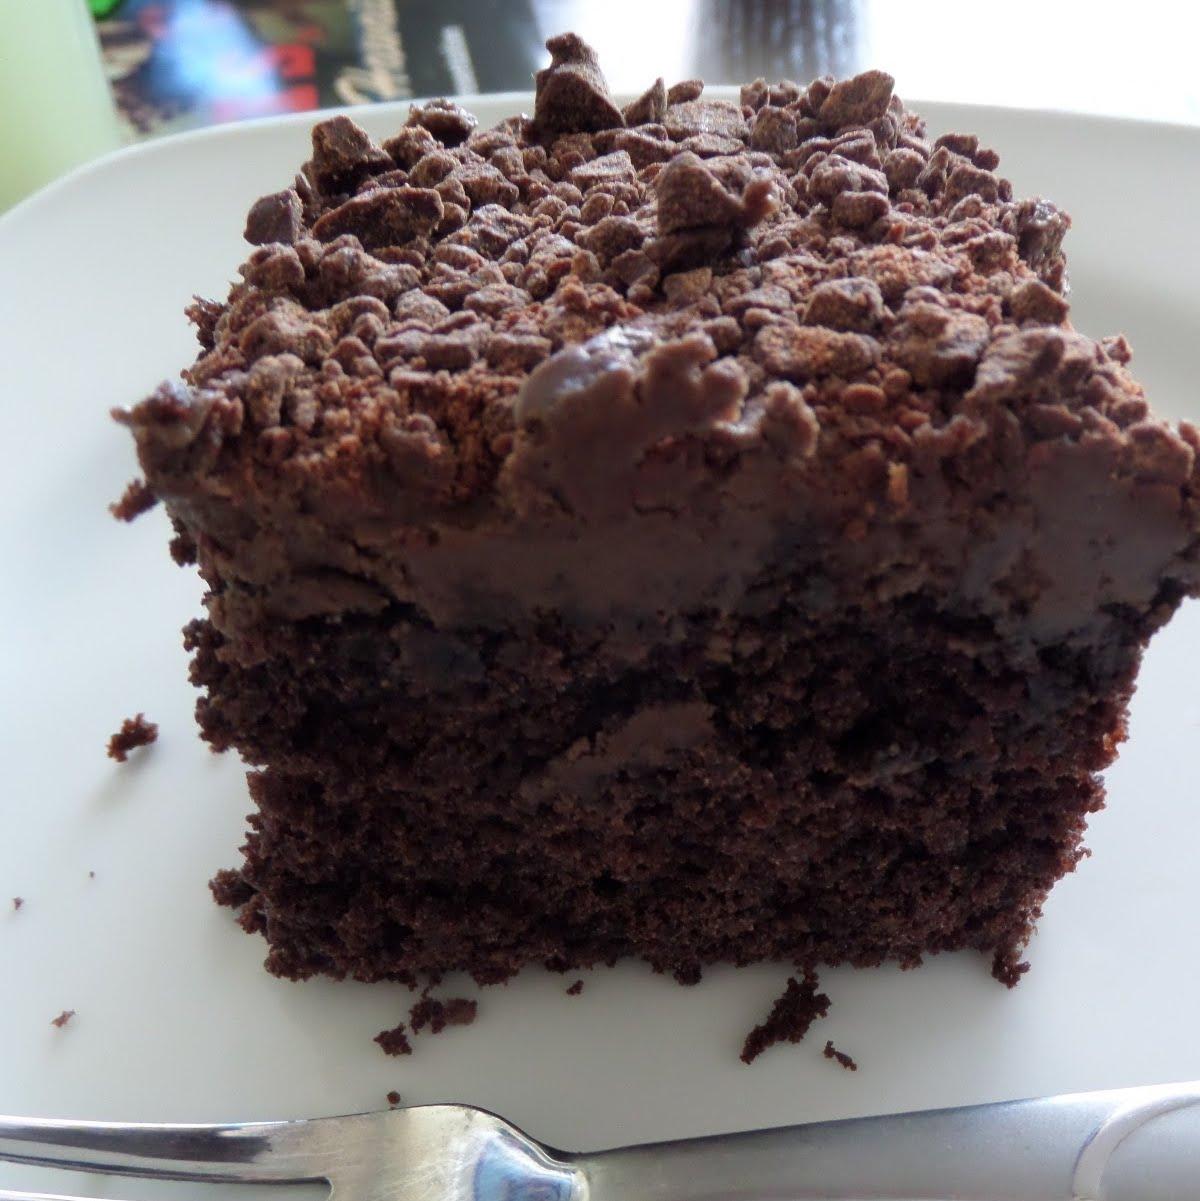 Special Dark Mocha Chip Cake | Joybee, What's for Dinner?